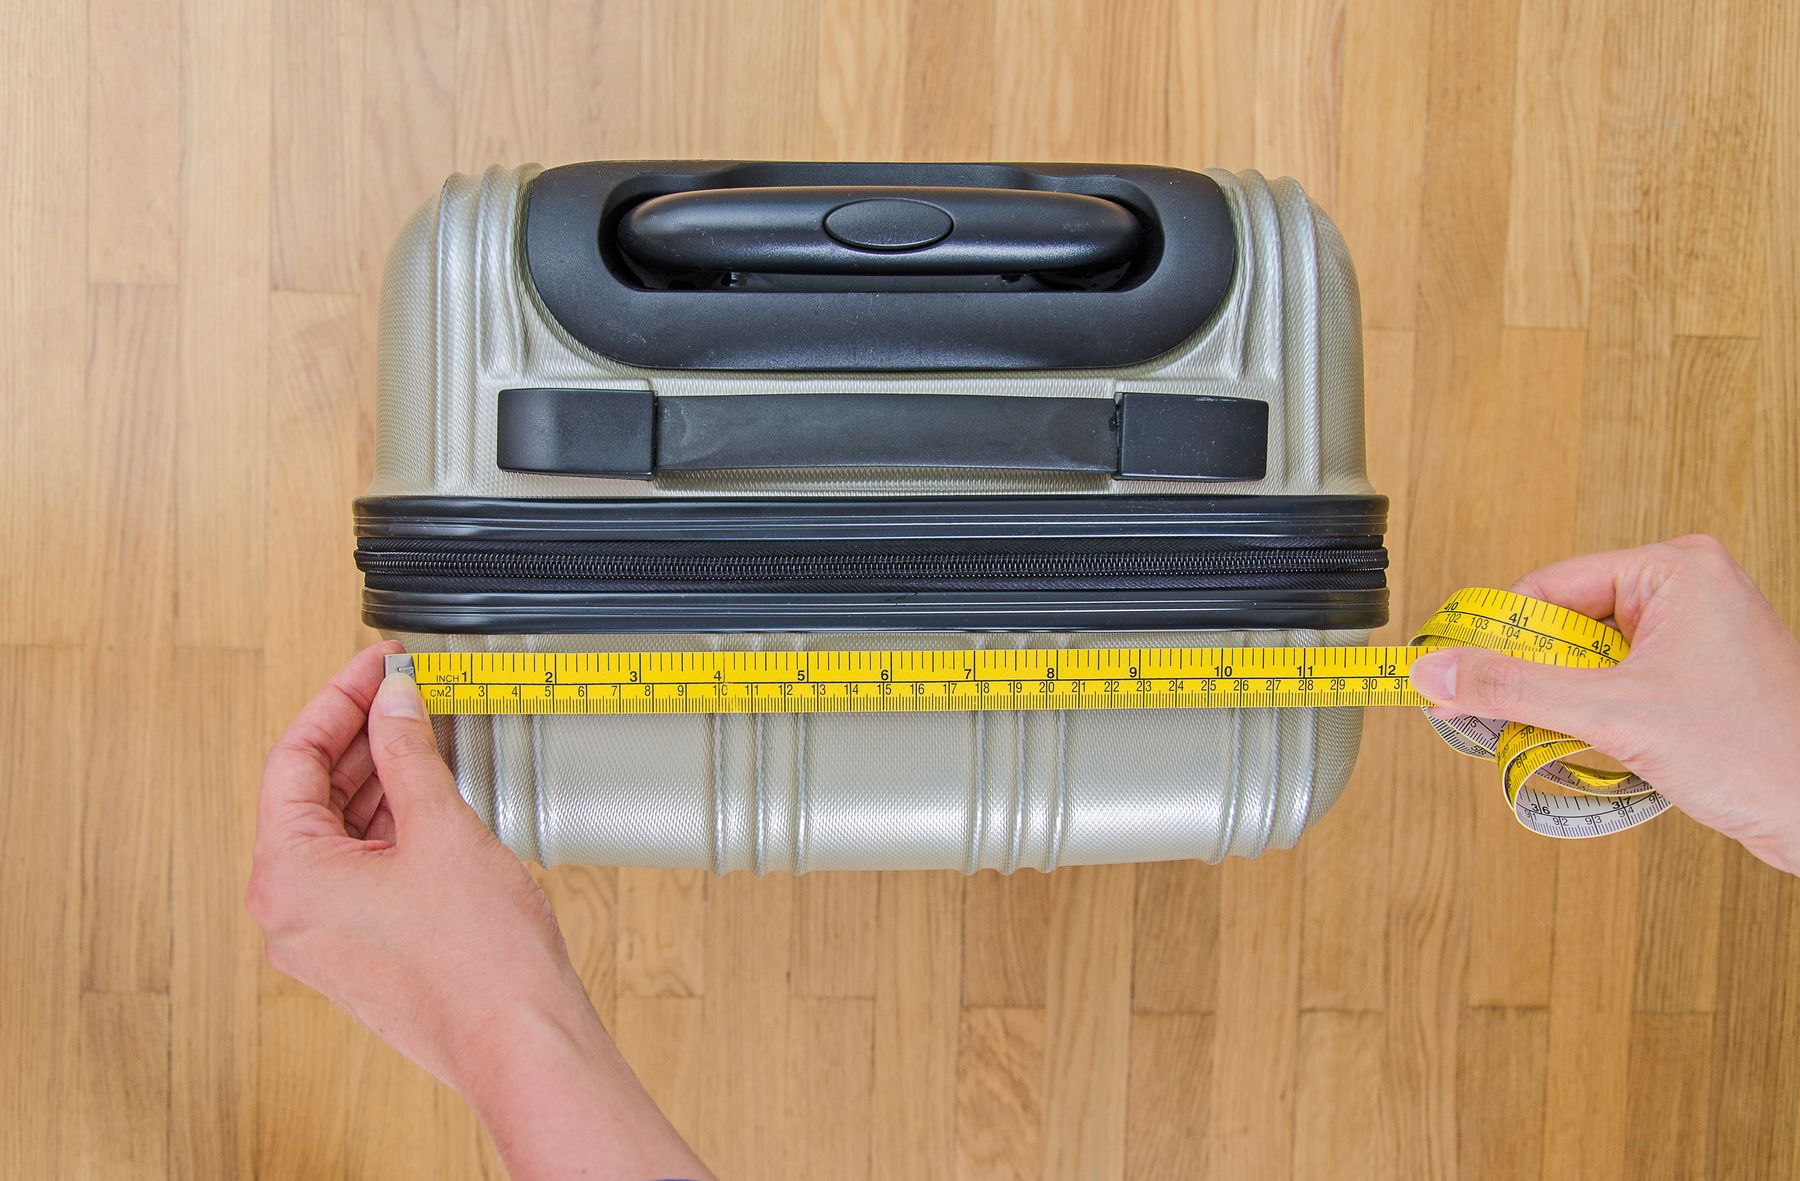 Fita métrica e bagagem